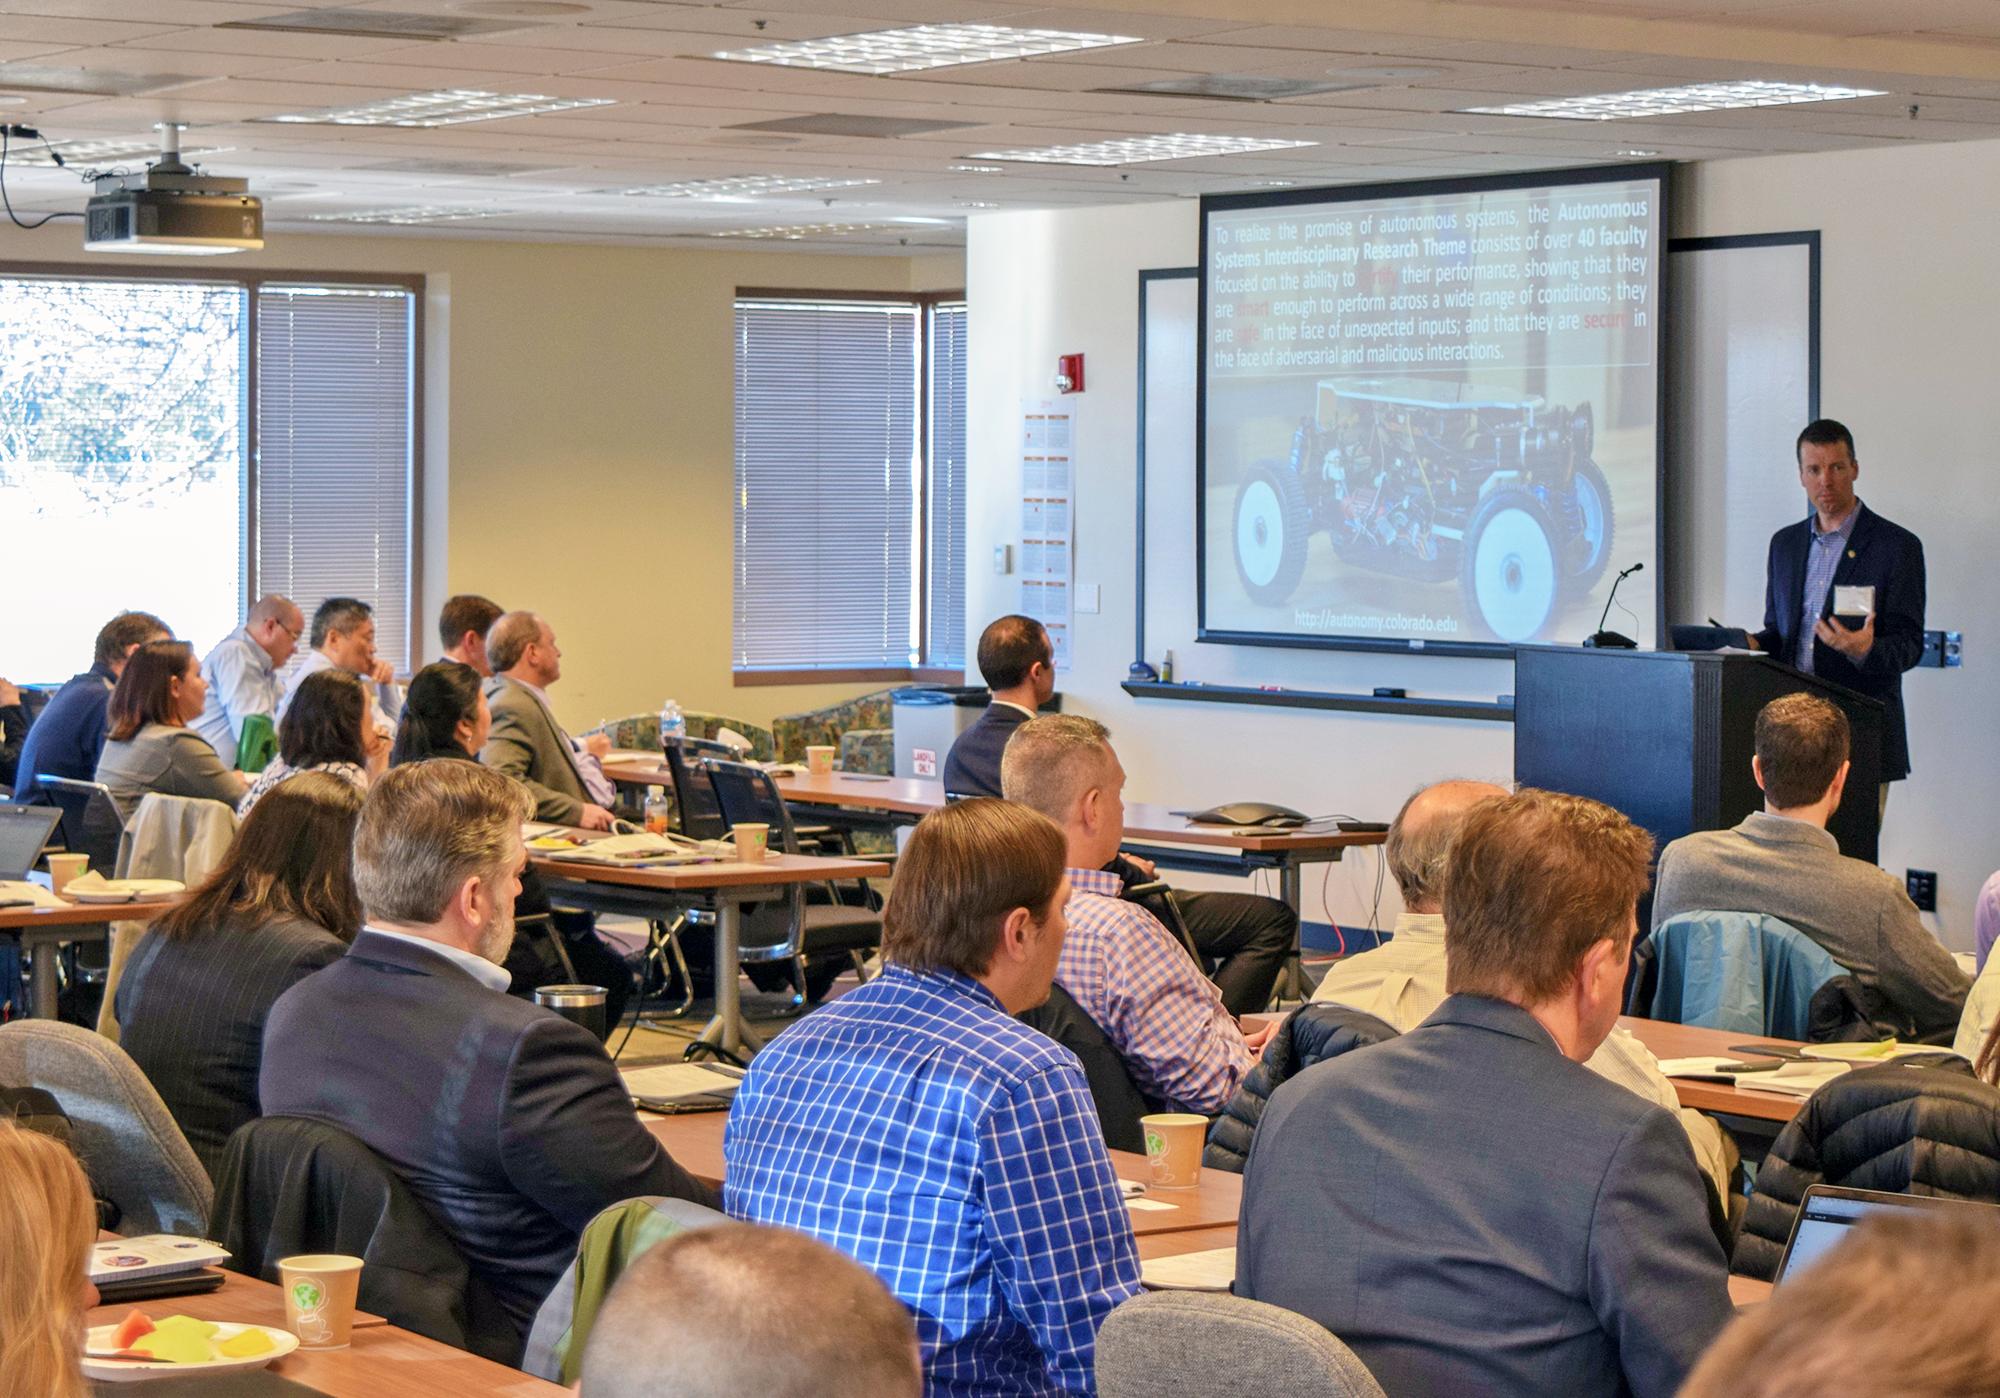 AeroSpace Ventures Research Blitz reinforces CU Boulder's standing as a vital aerospace hub